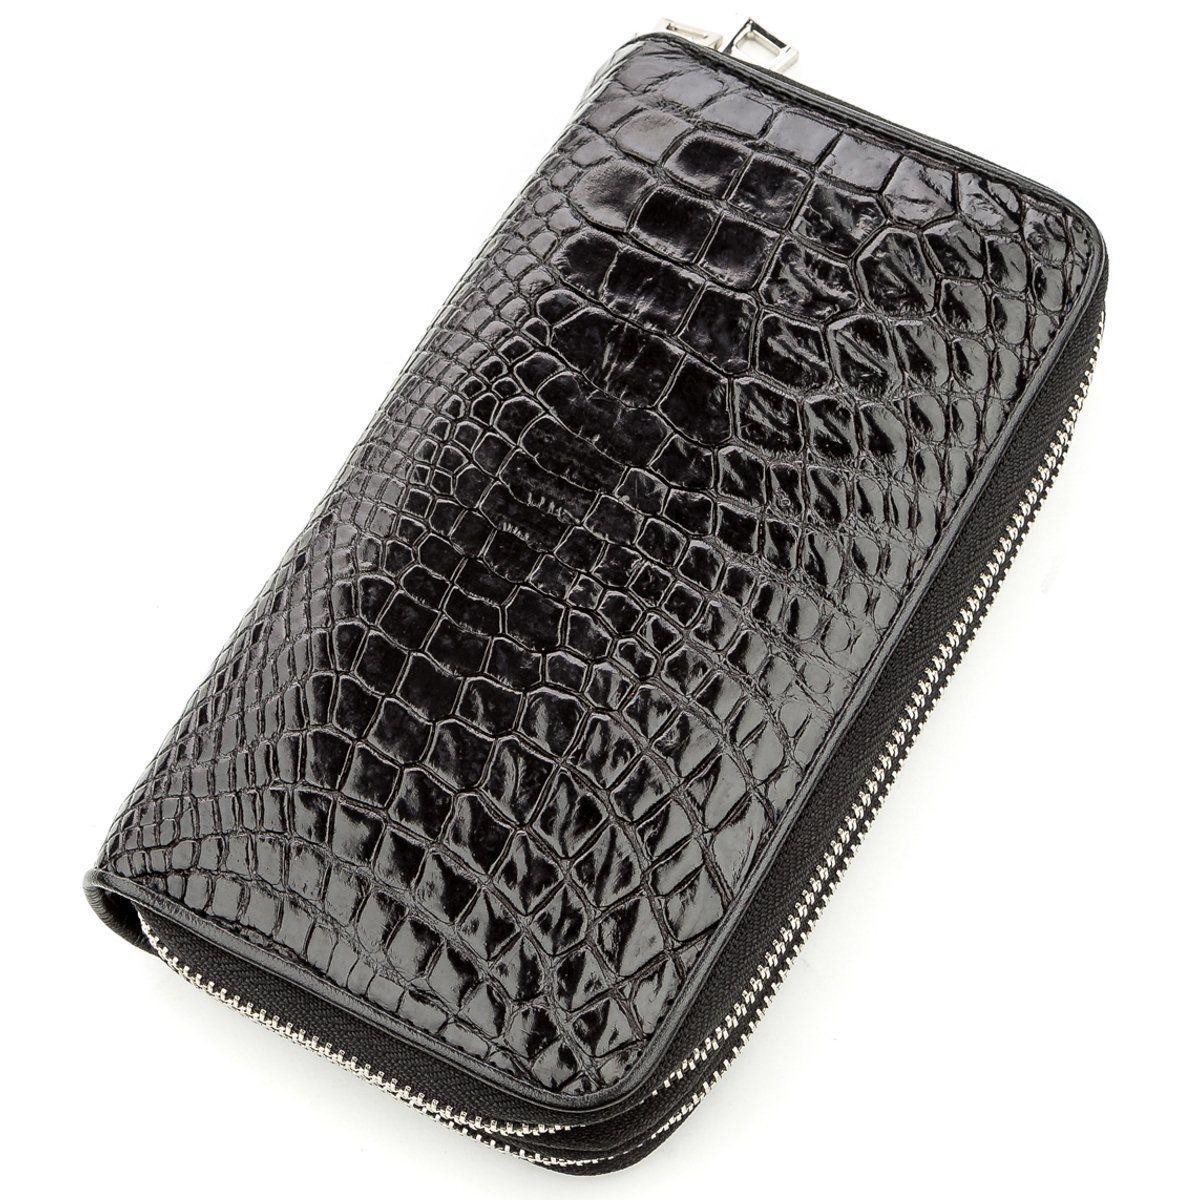 Клатч мужской Ekzotic Leather из натуральной кожи крокодила Черный (cb 25)